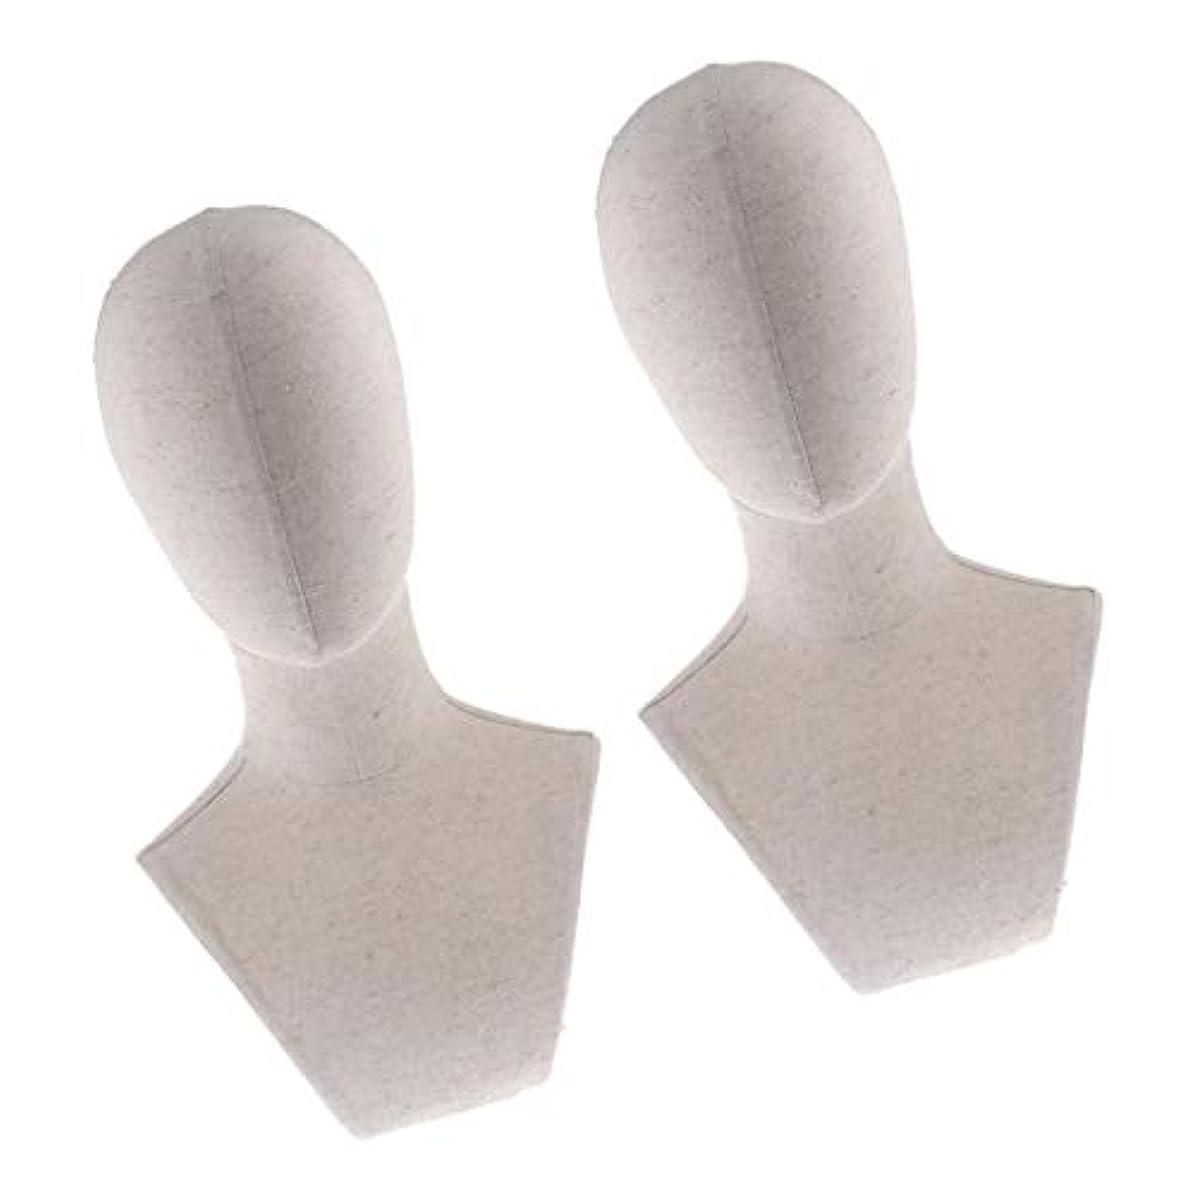 雨の苦難ラメDYNWAVE プラスチック マネキン ヘッド トルソー 頭 カット練習 頭部 女性 ウィッグマネキン ウィッグスタンド2個